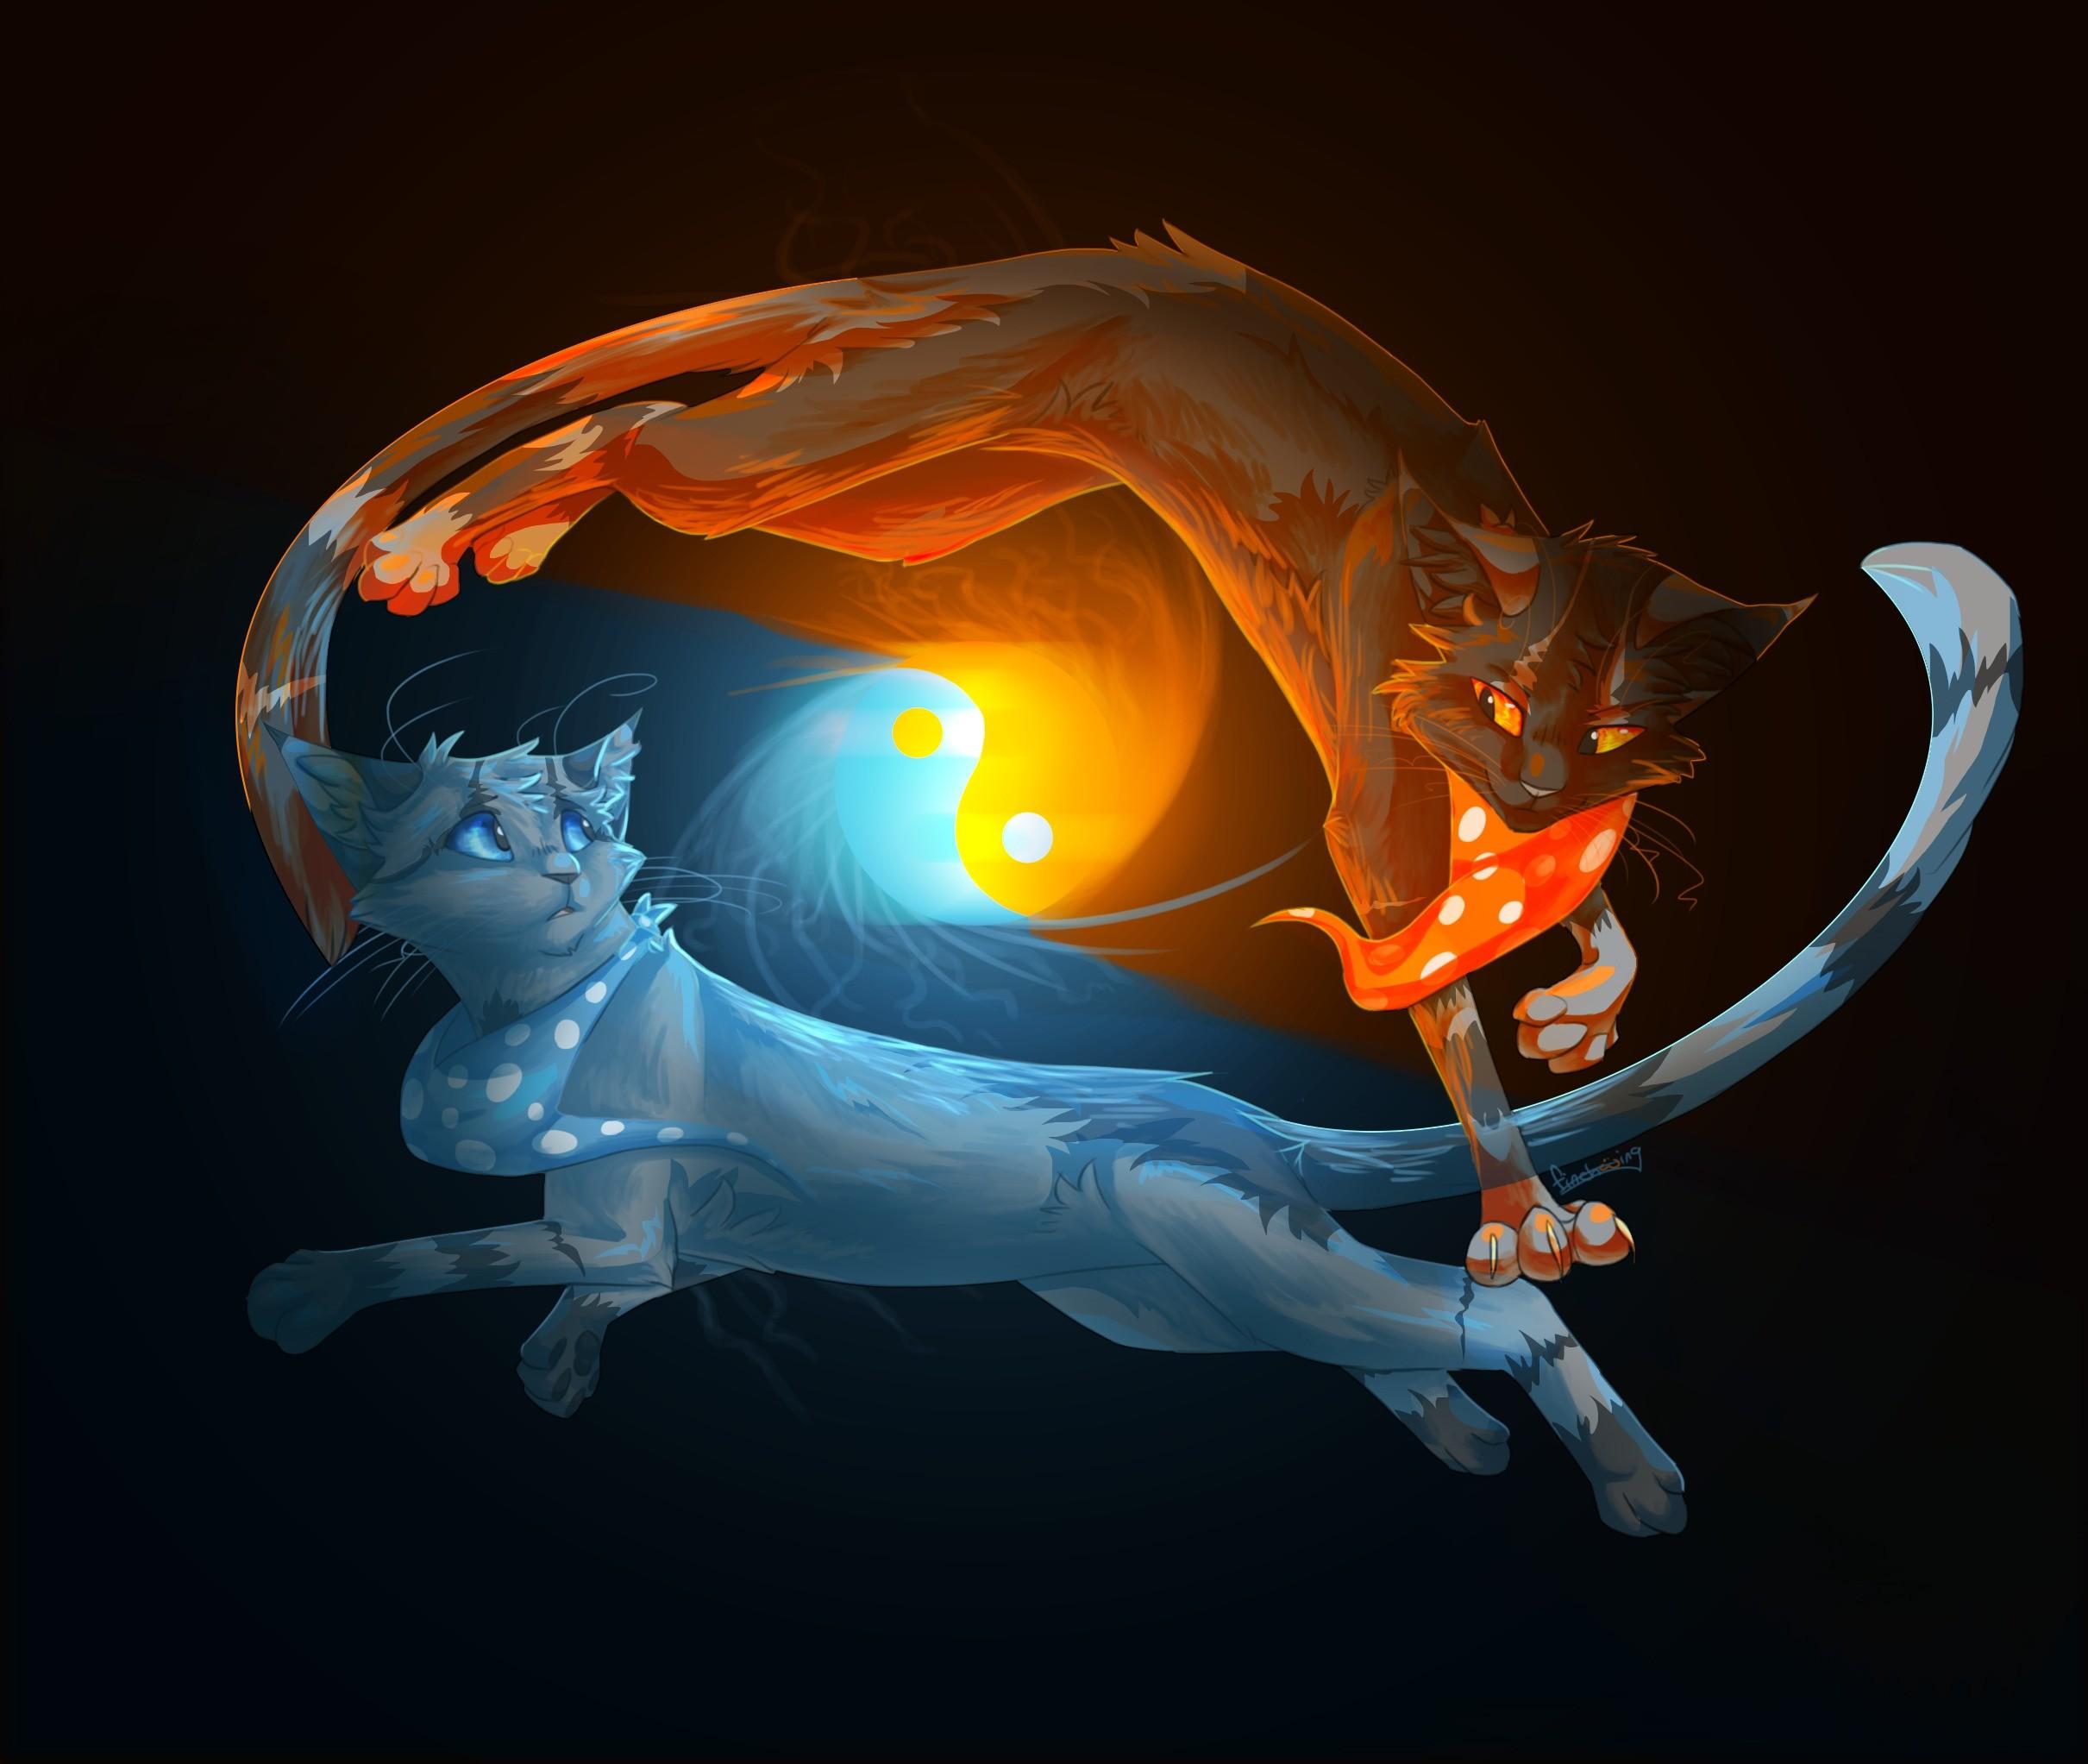 2 Fire Cats | Animals, cats, yin-yang, fire, water,